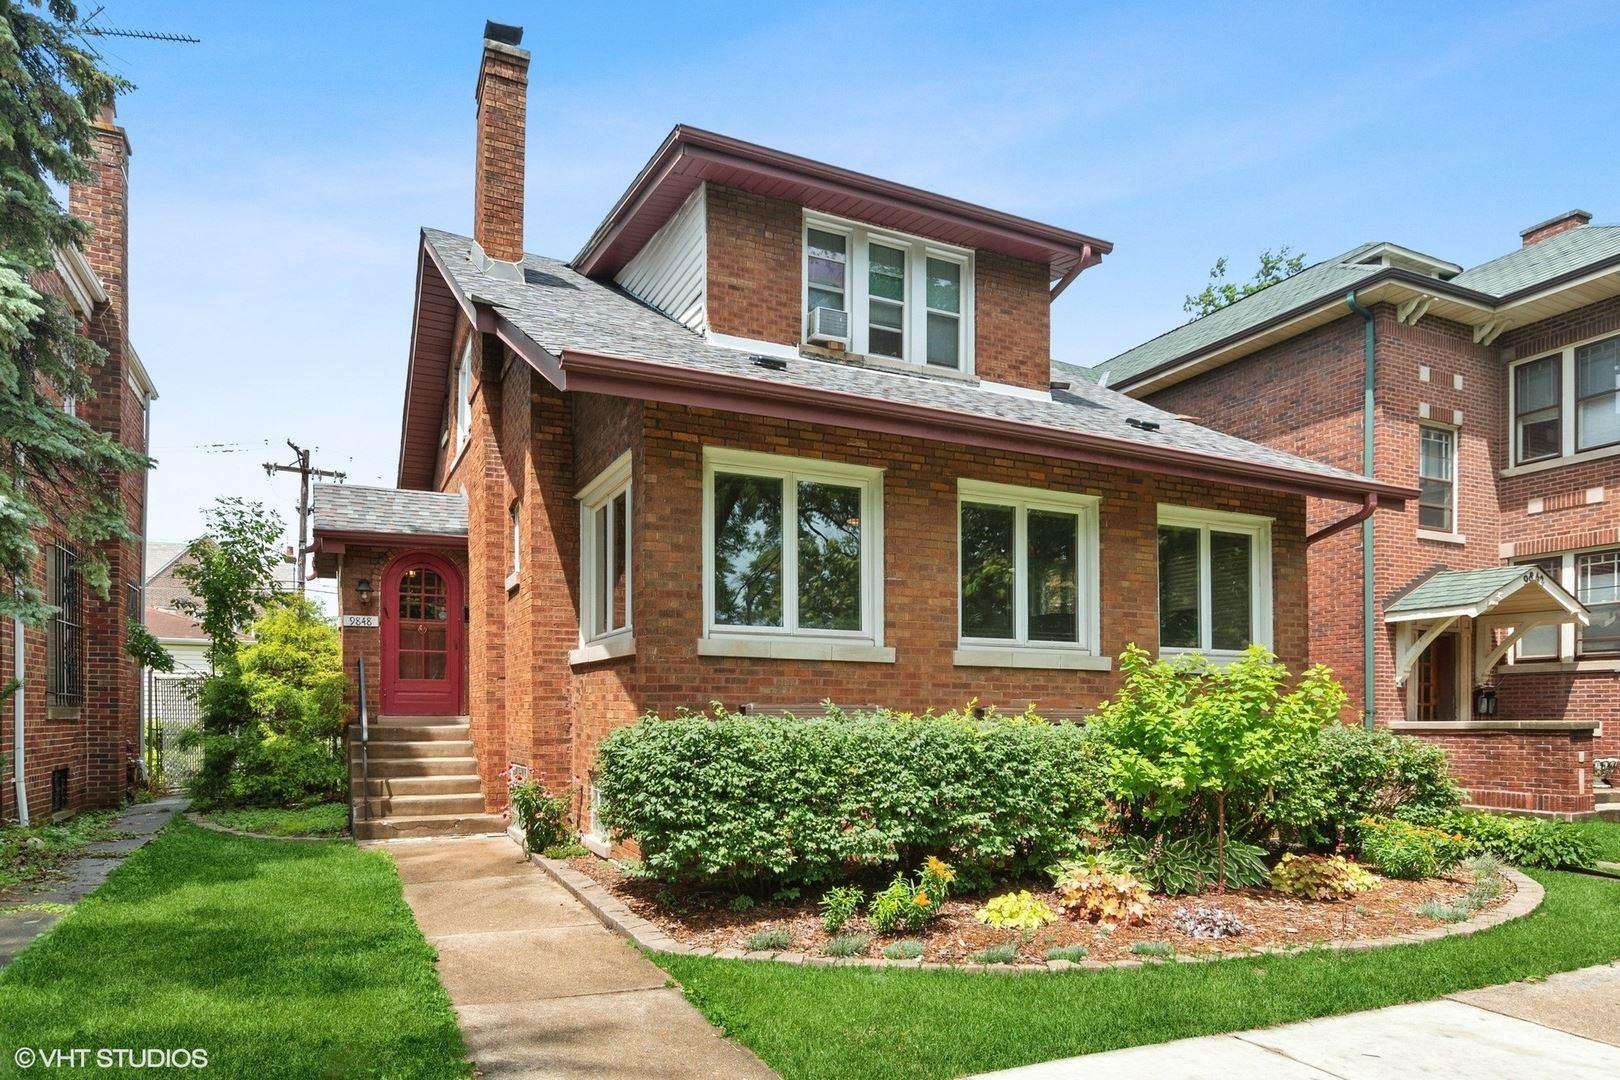 9848 S Damen Avenue, Chicago, IL 60643 - MLS#: 11233839